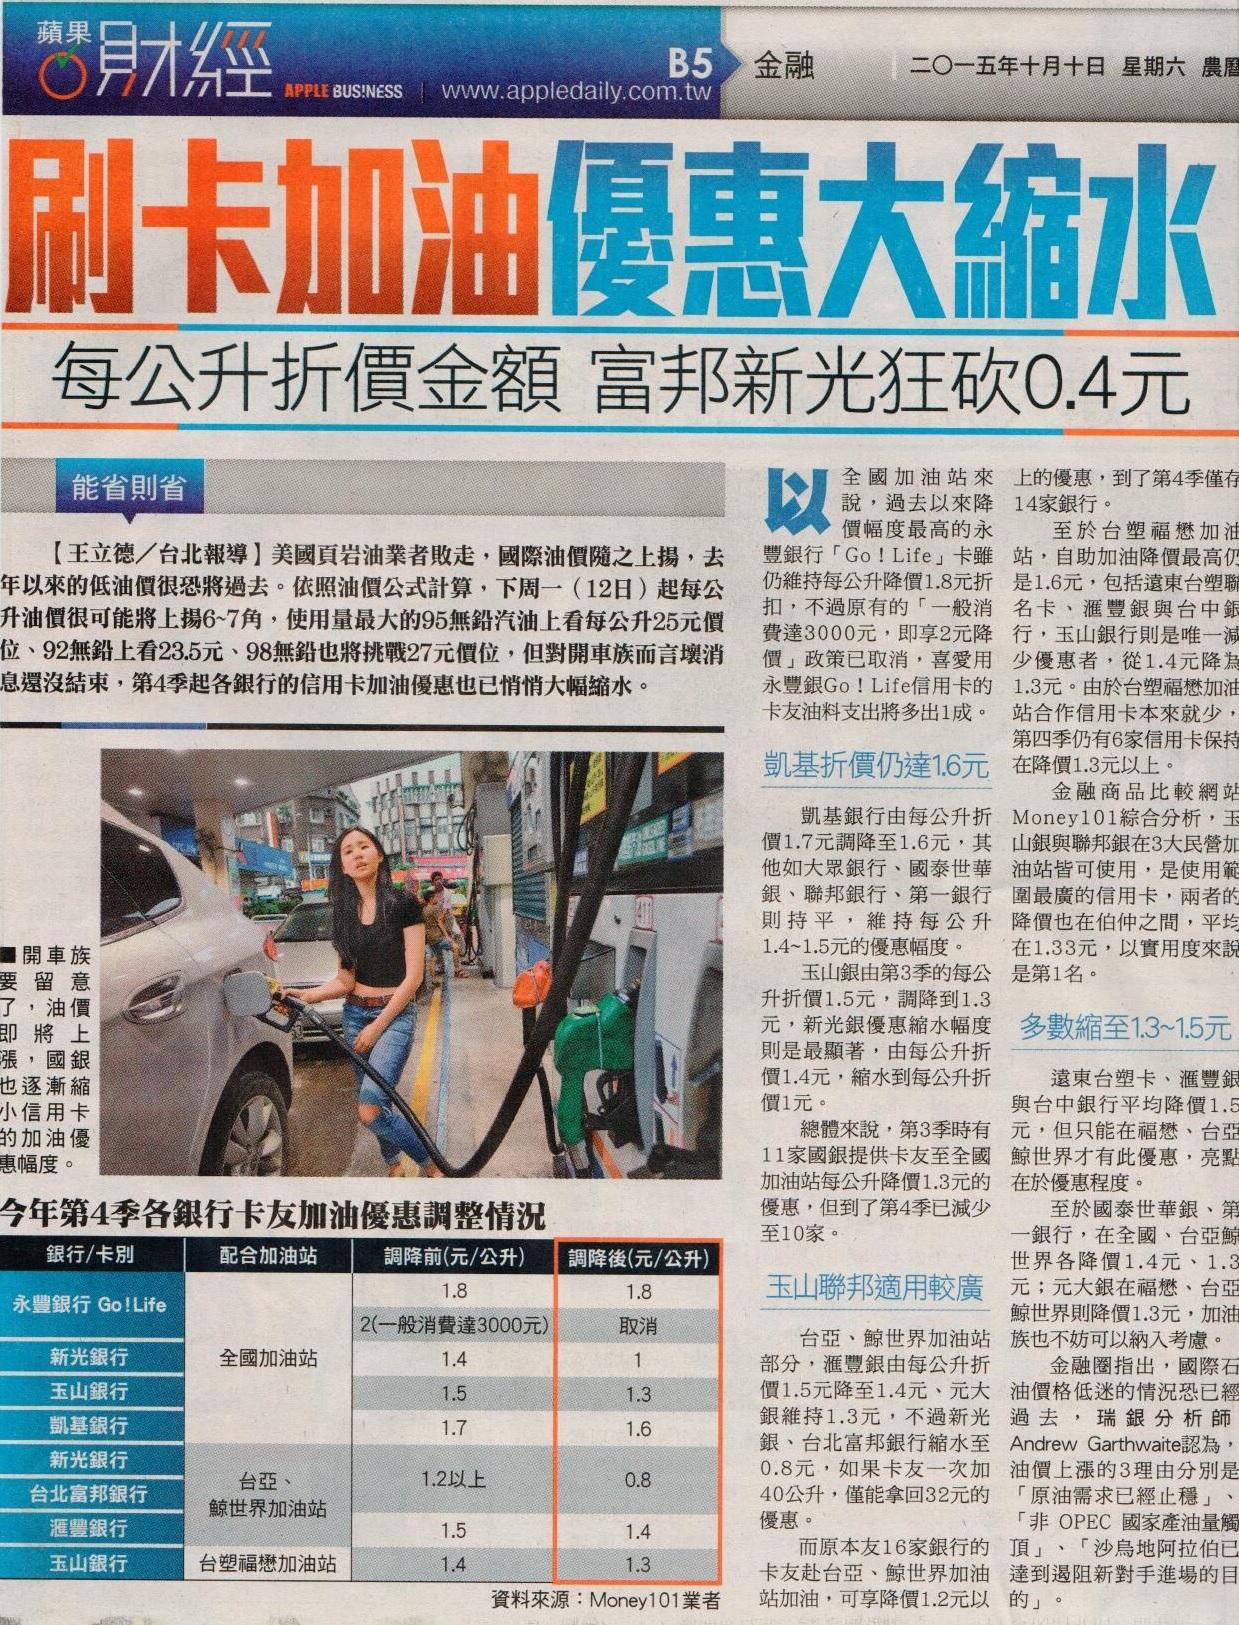 【蘋果日報】刷卡加油 優惠大縮水